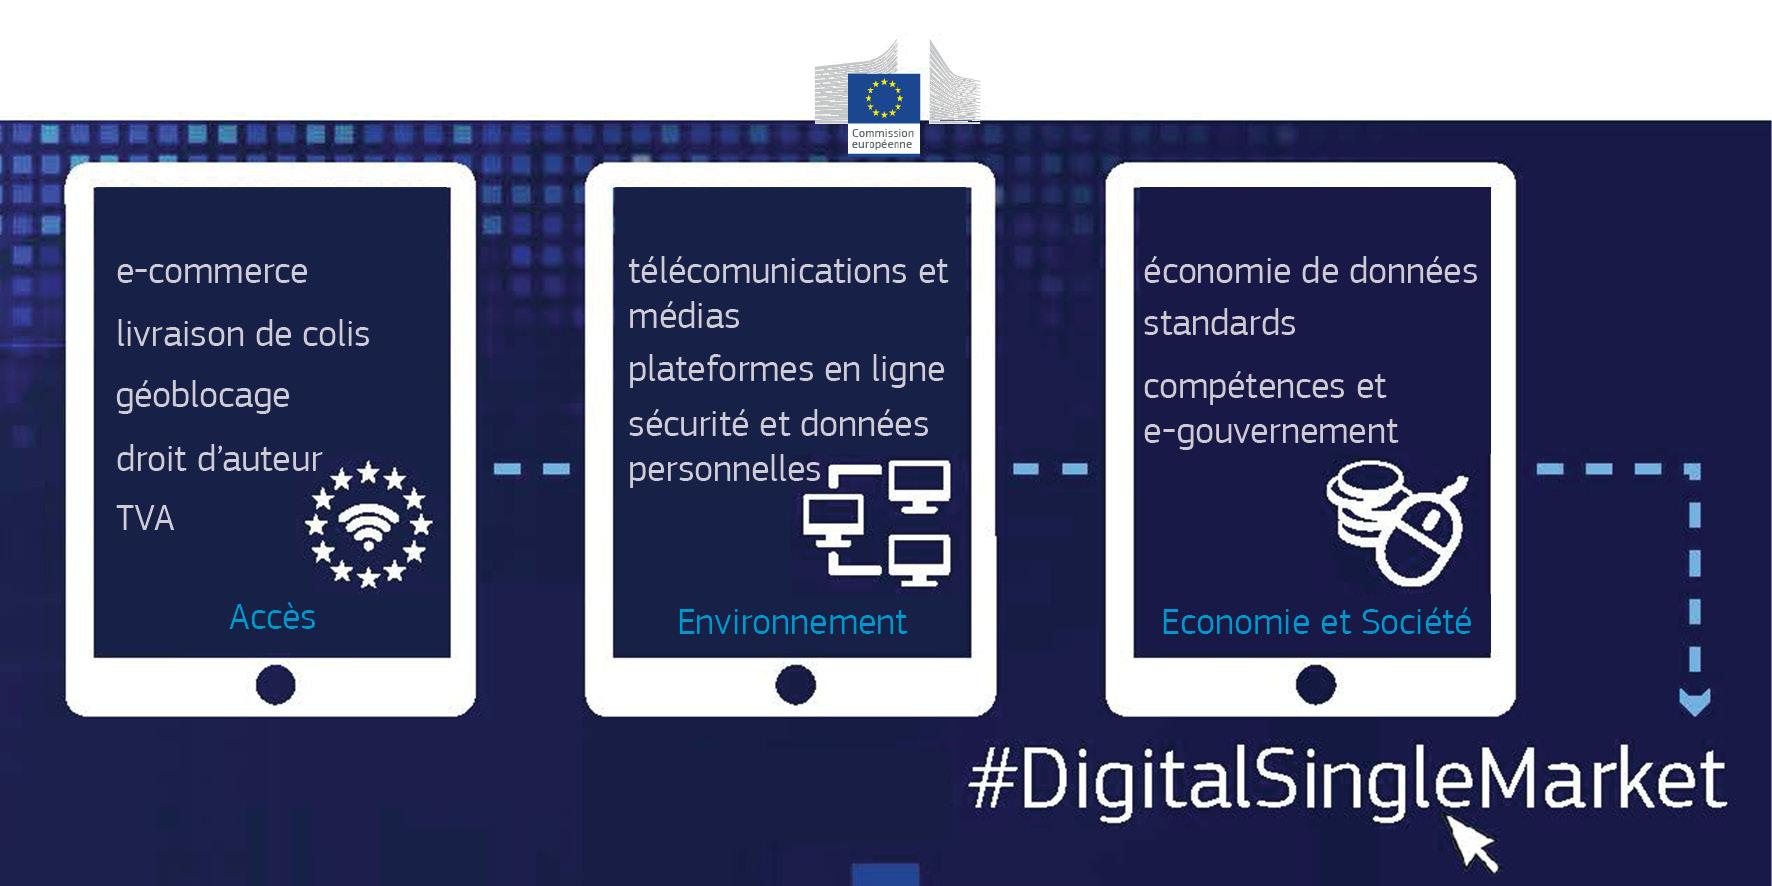 The face of change: European Commission Announces  Digital Single Market Plan